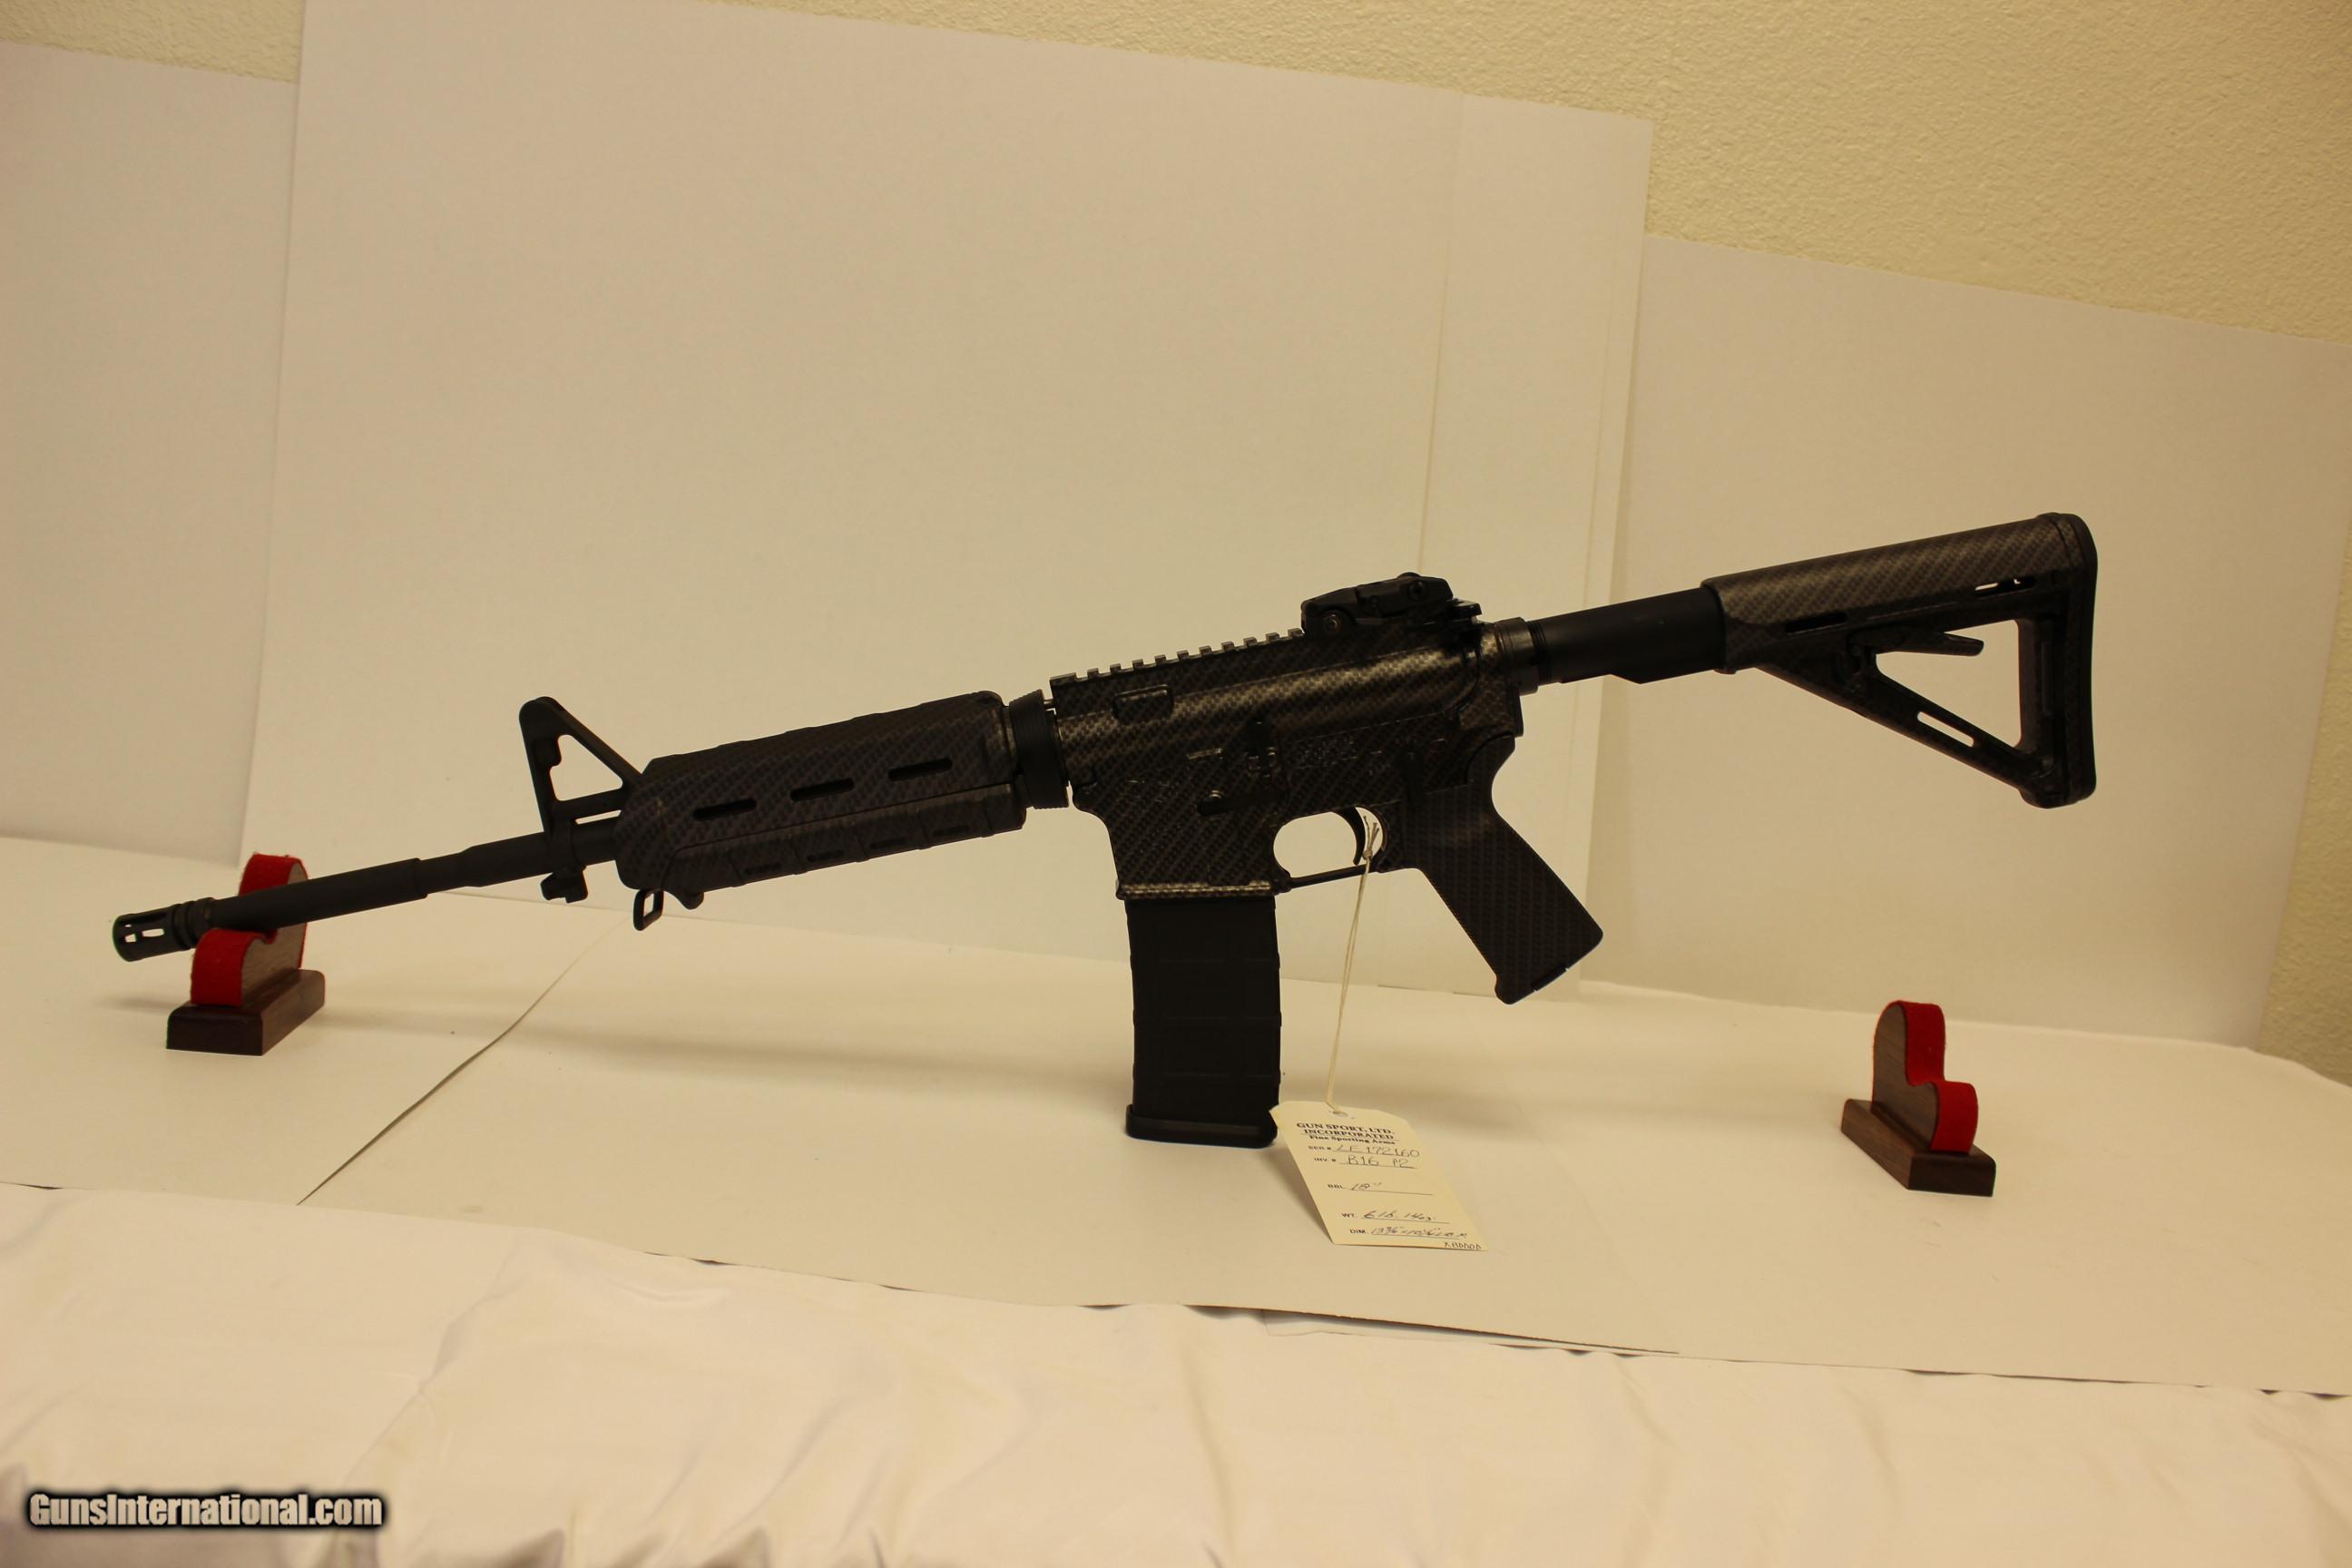 Colt M4 Carbine (MagPul Carbon Fiber) 5 56x45M/M ( 223 Remington